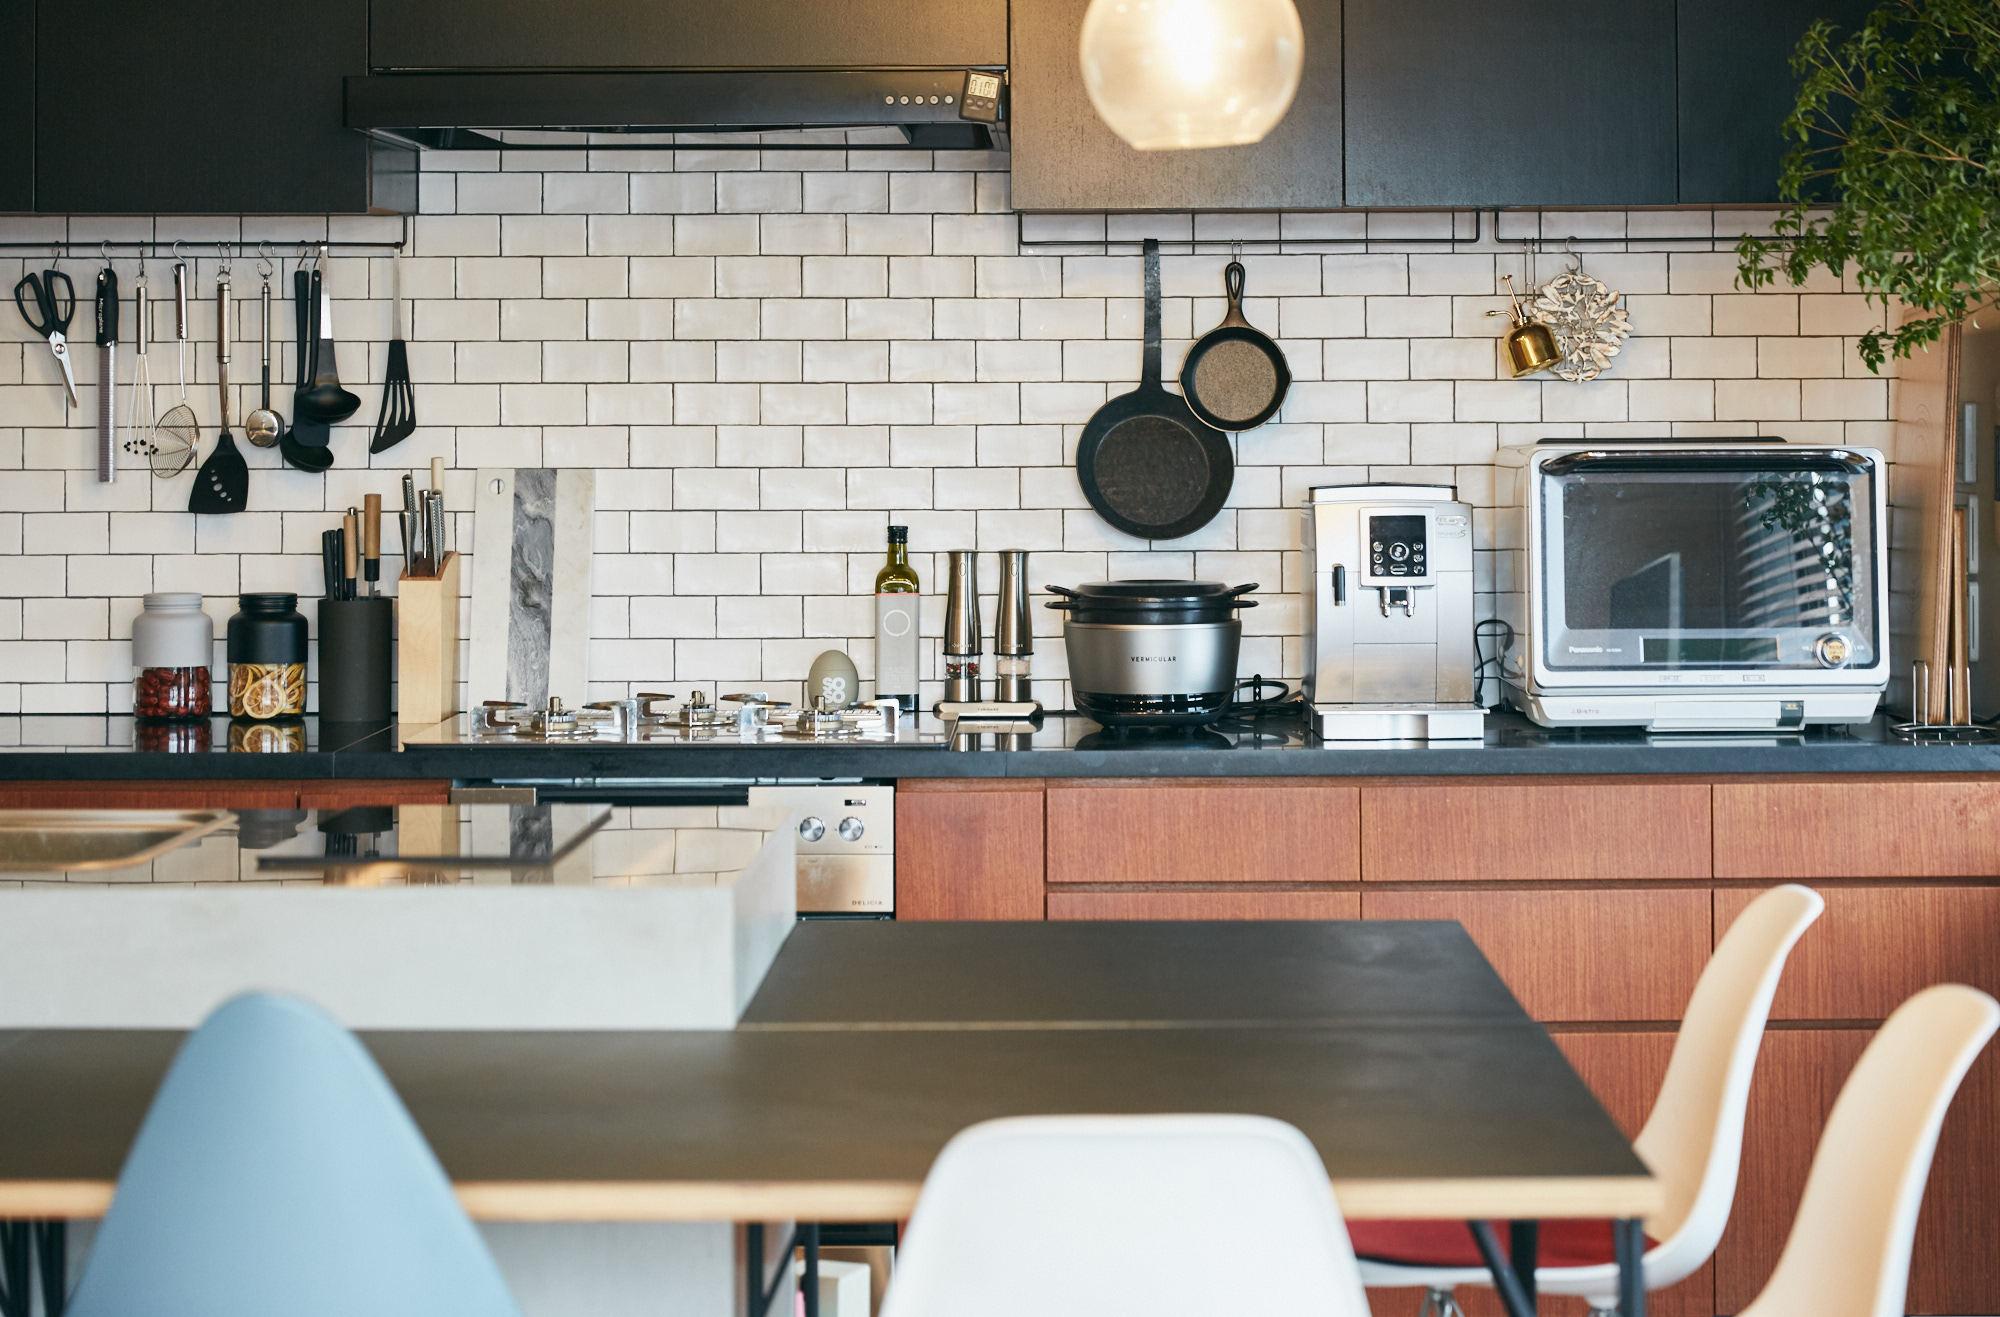 おしゃれな白いタイル貼りの広いリノベーションキッチン